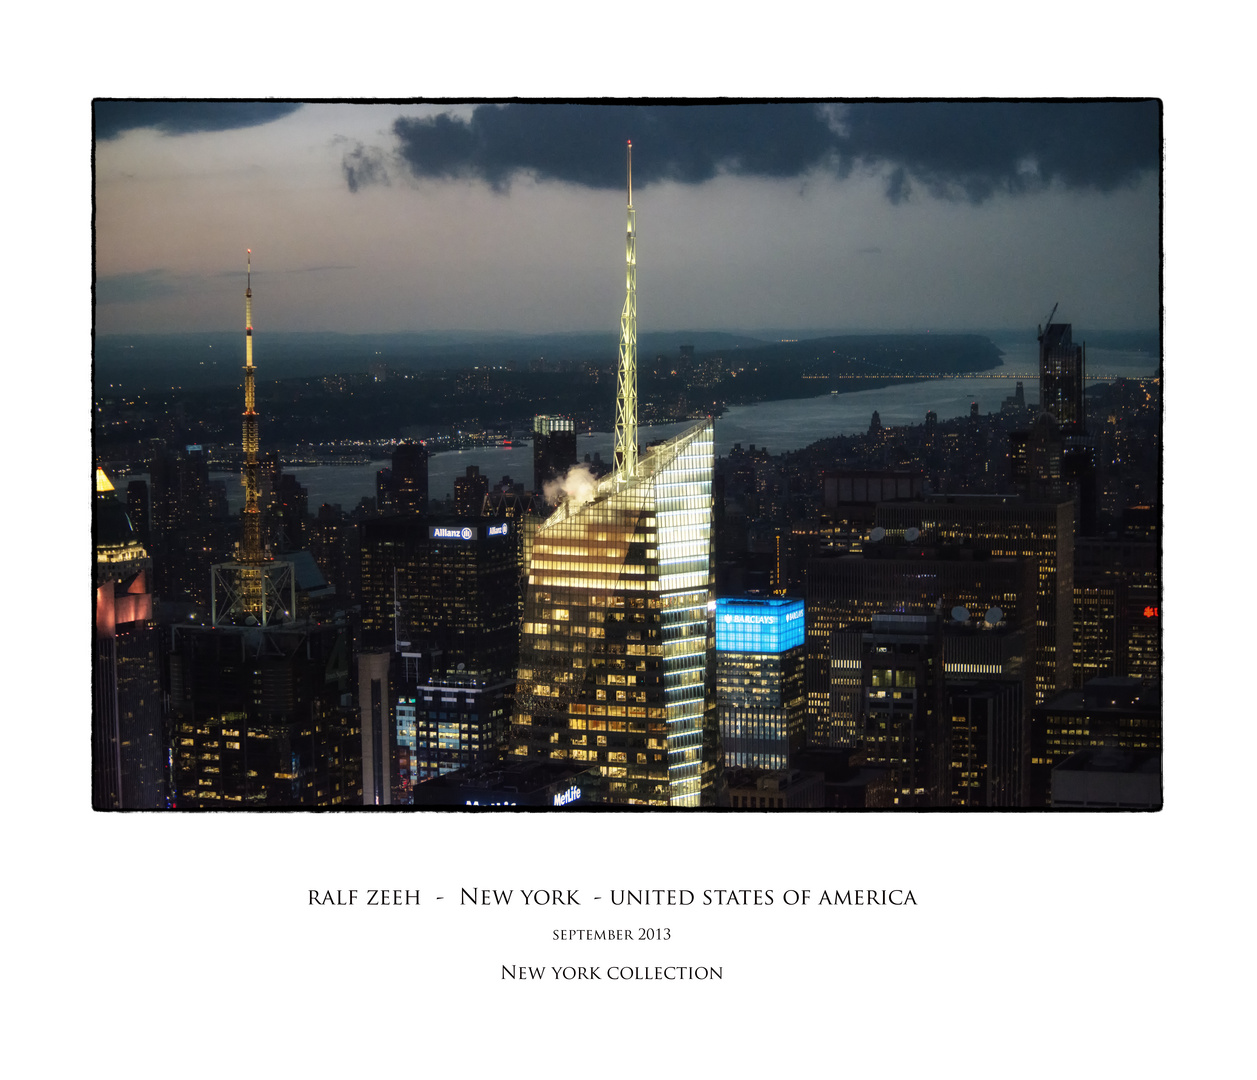 vom Empire State Building aus gemacht no.4